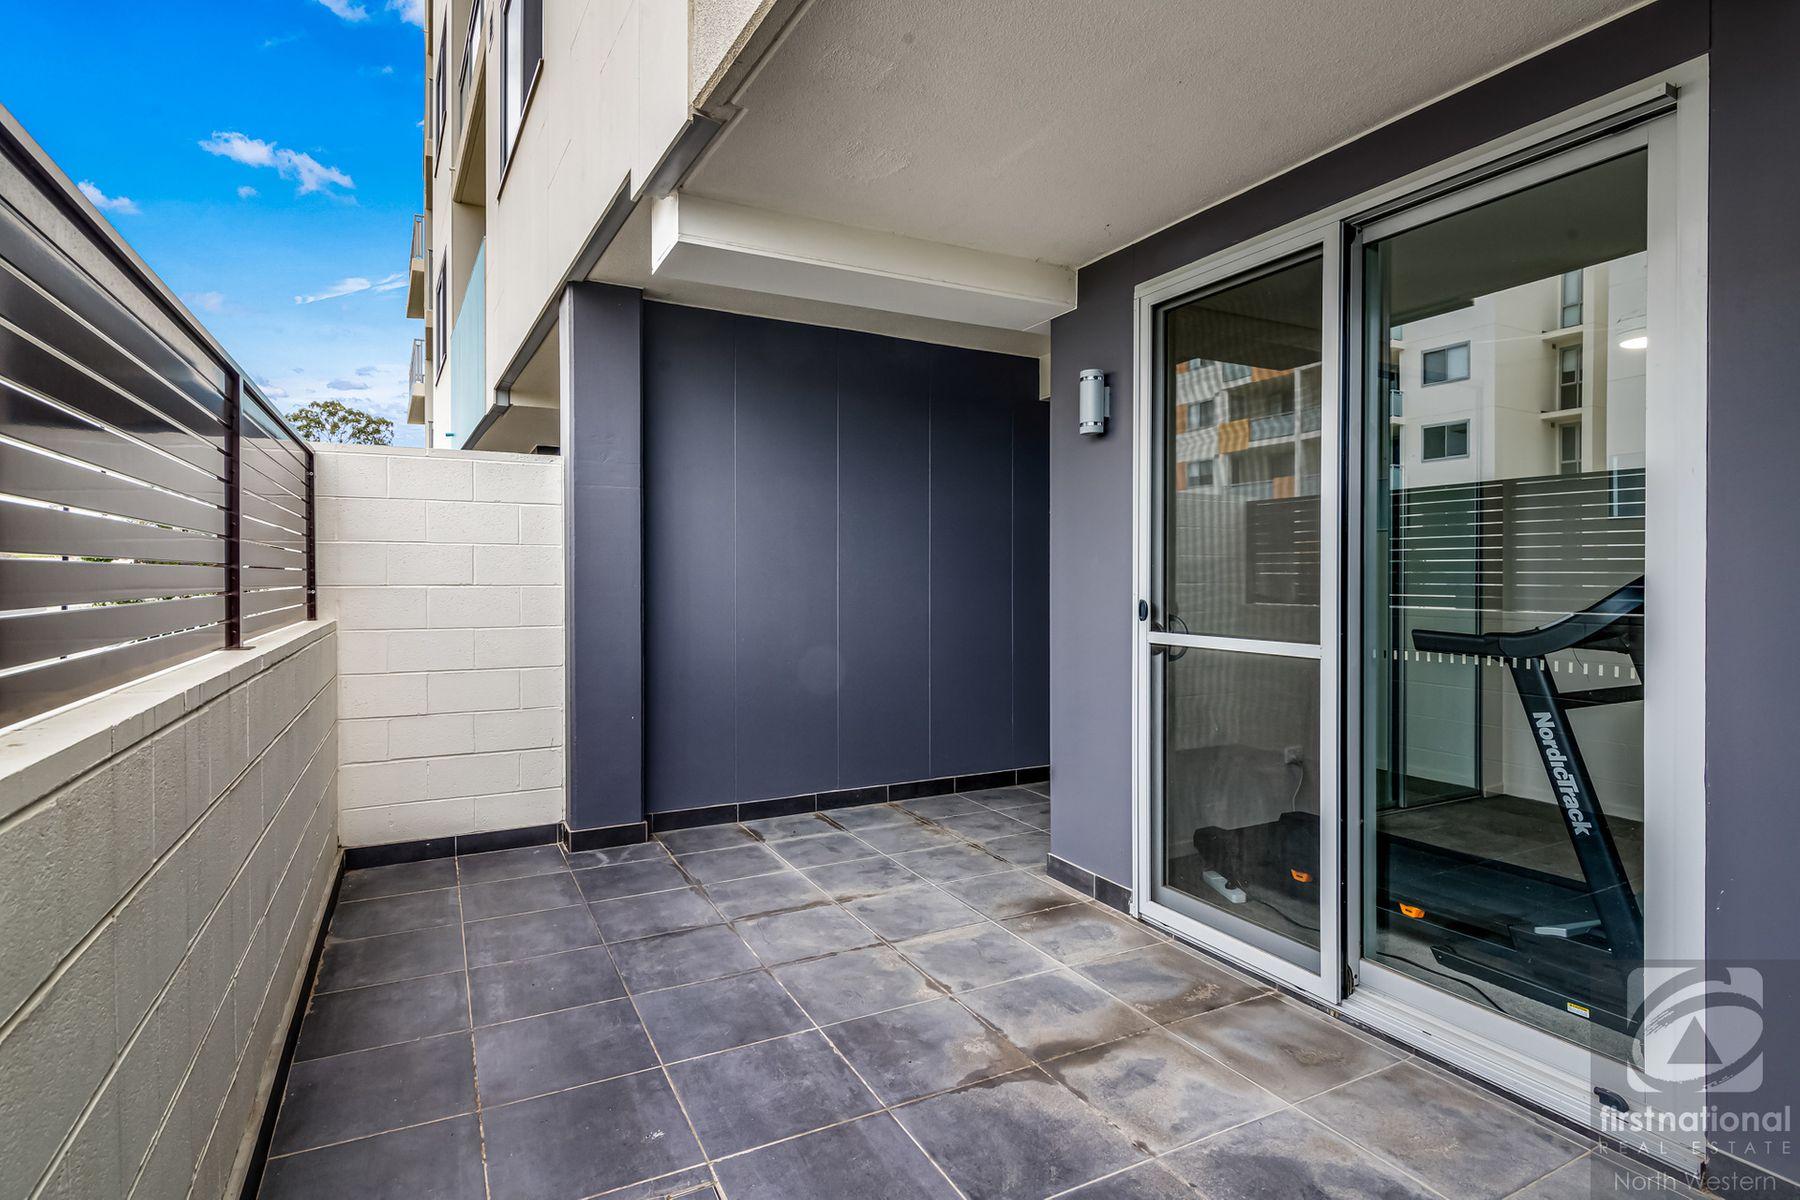 G17/30 Rebecca Street, Schofields, NSW 2762